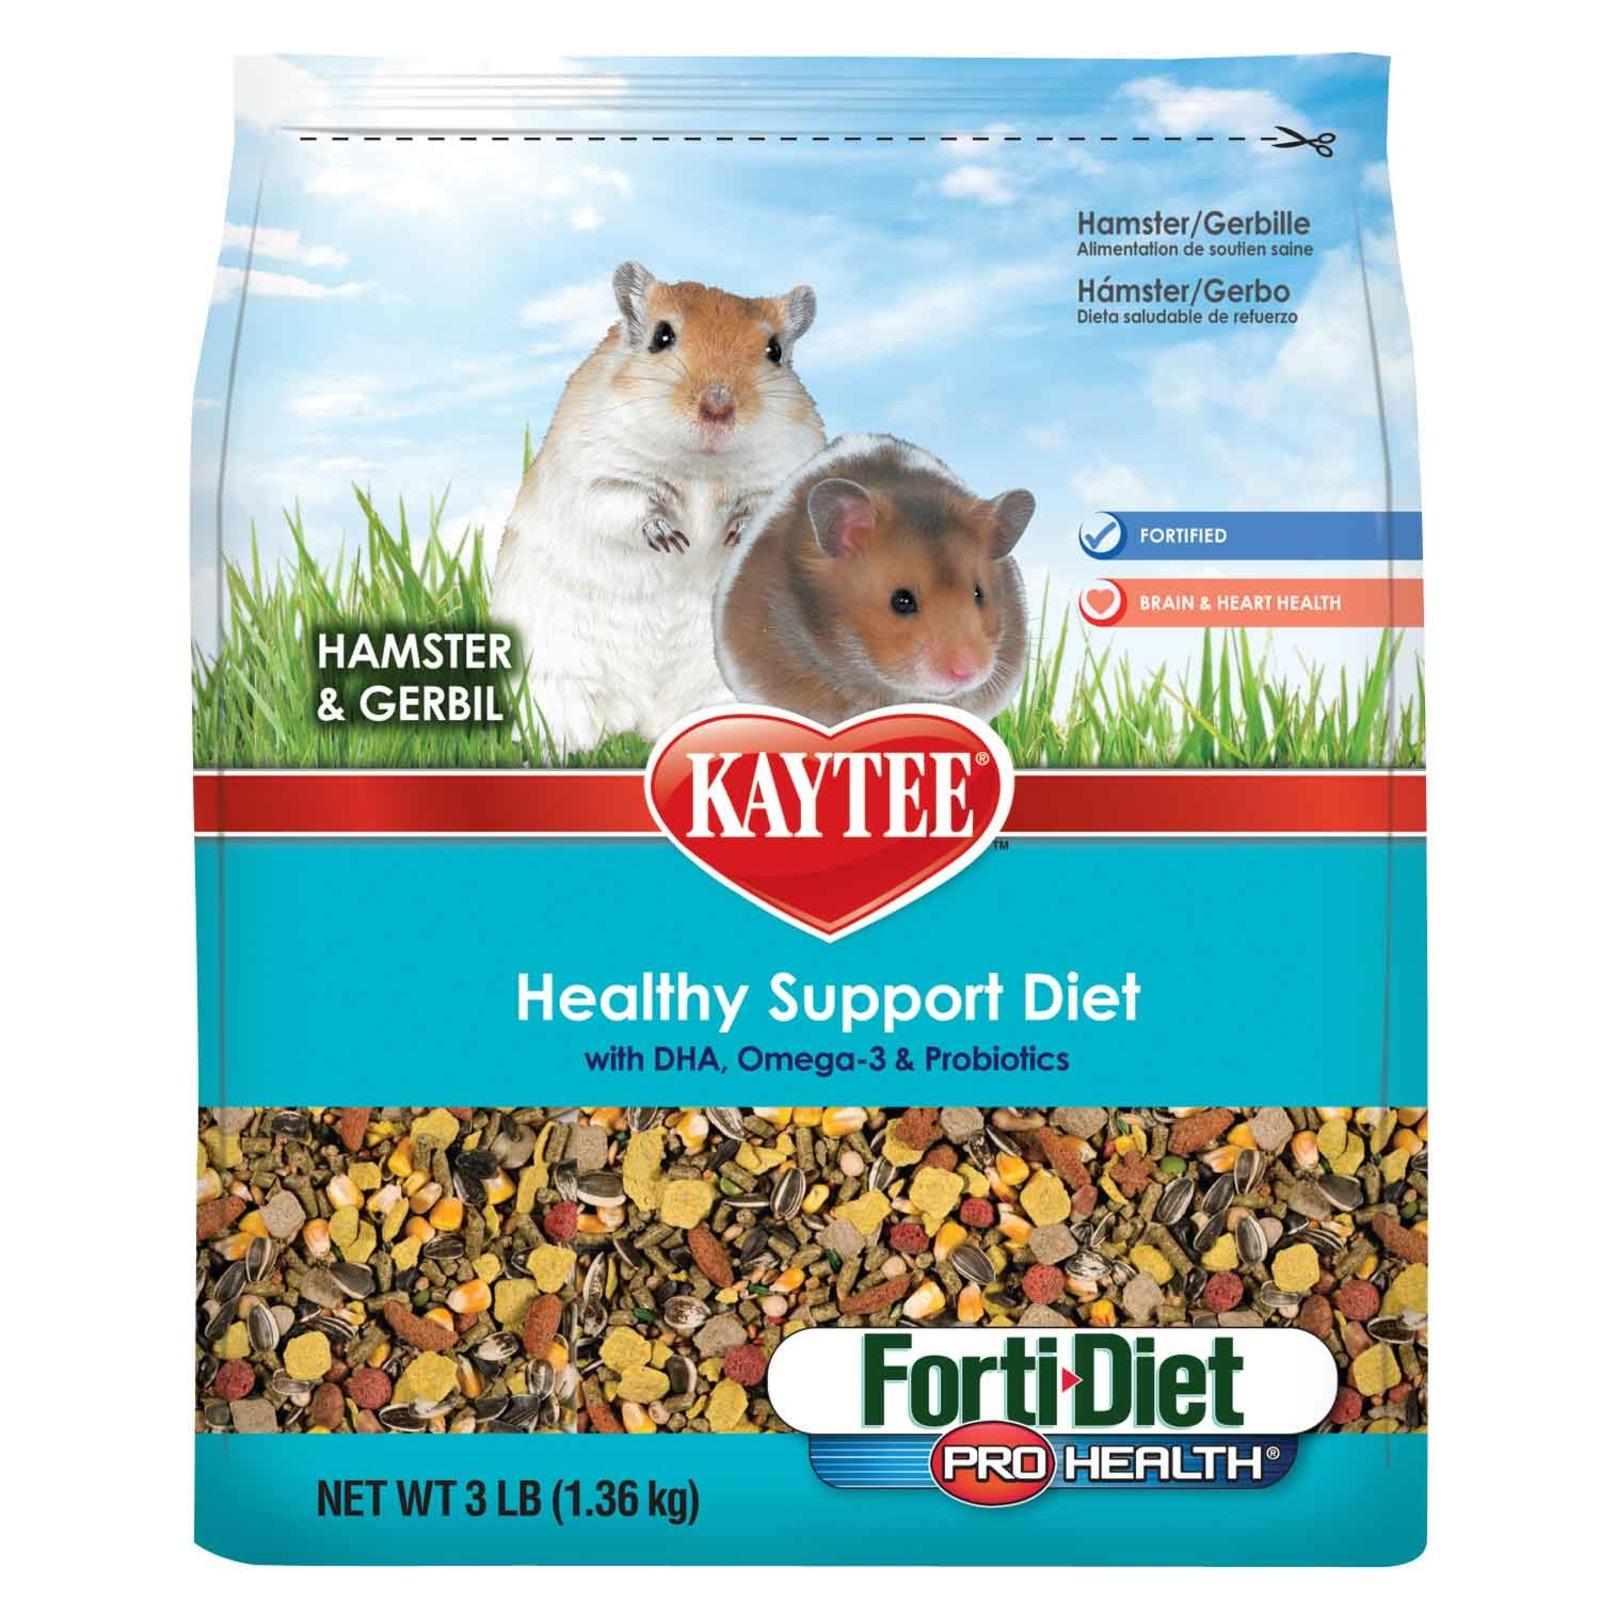 Kaytee Forti-Diet Prohealth Hamster/Gerbil